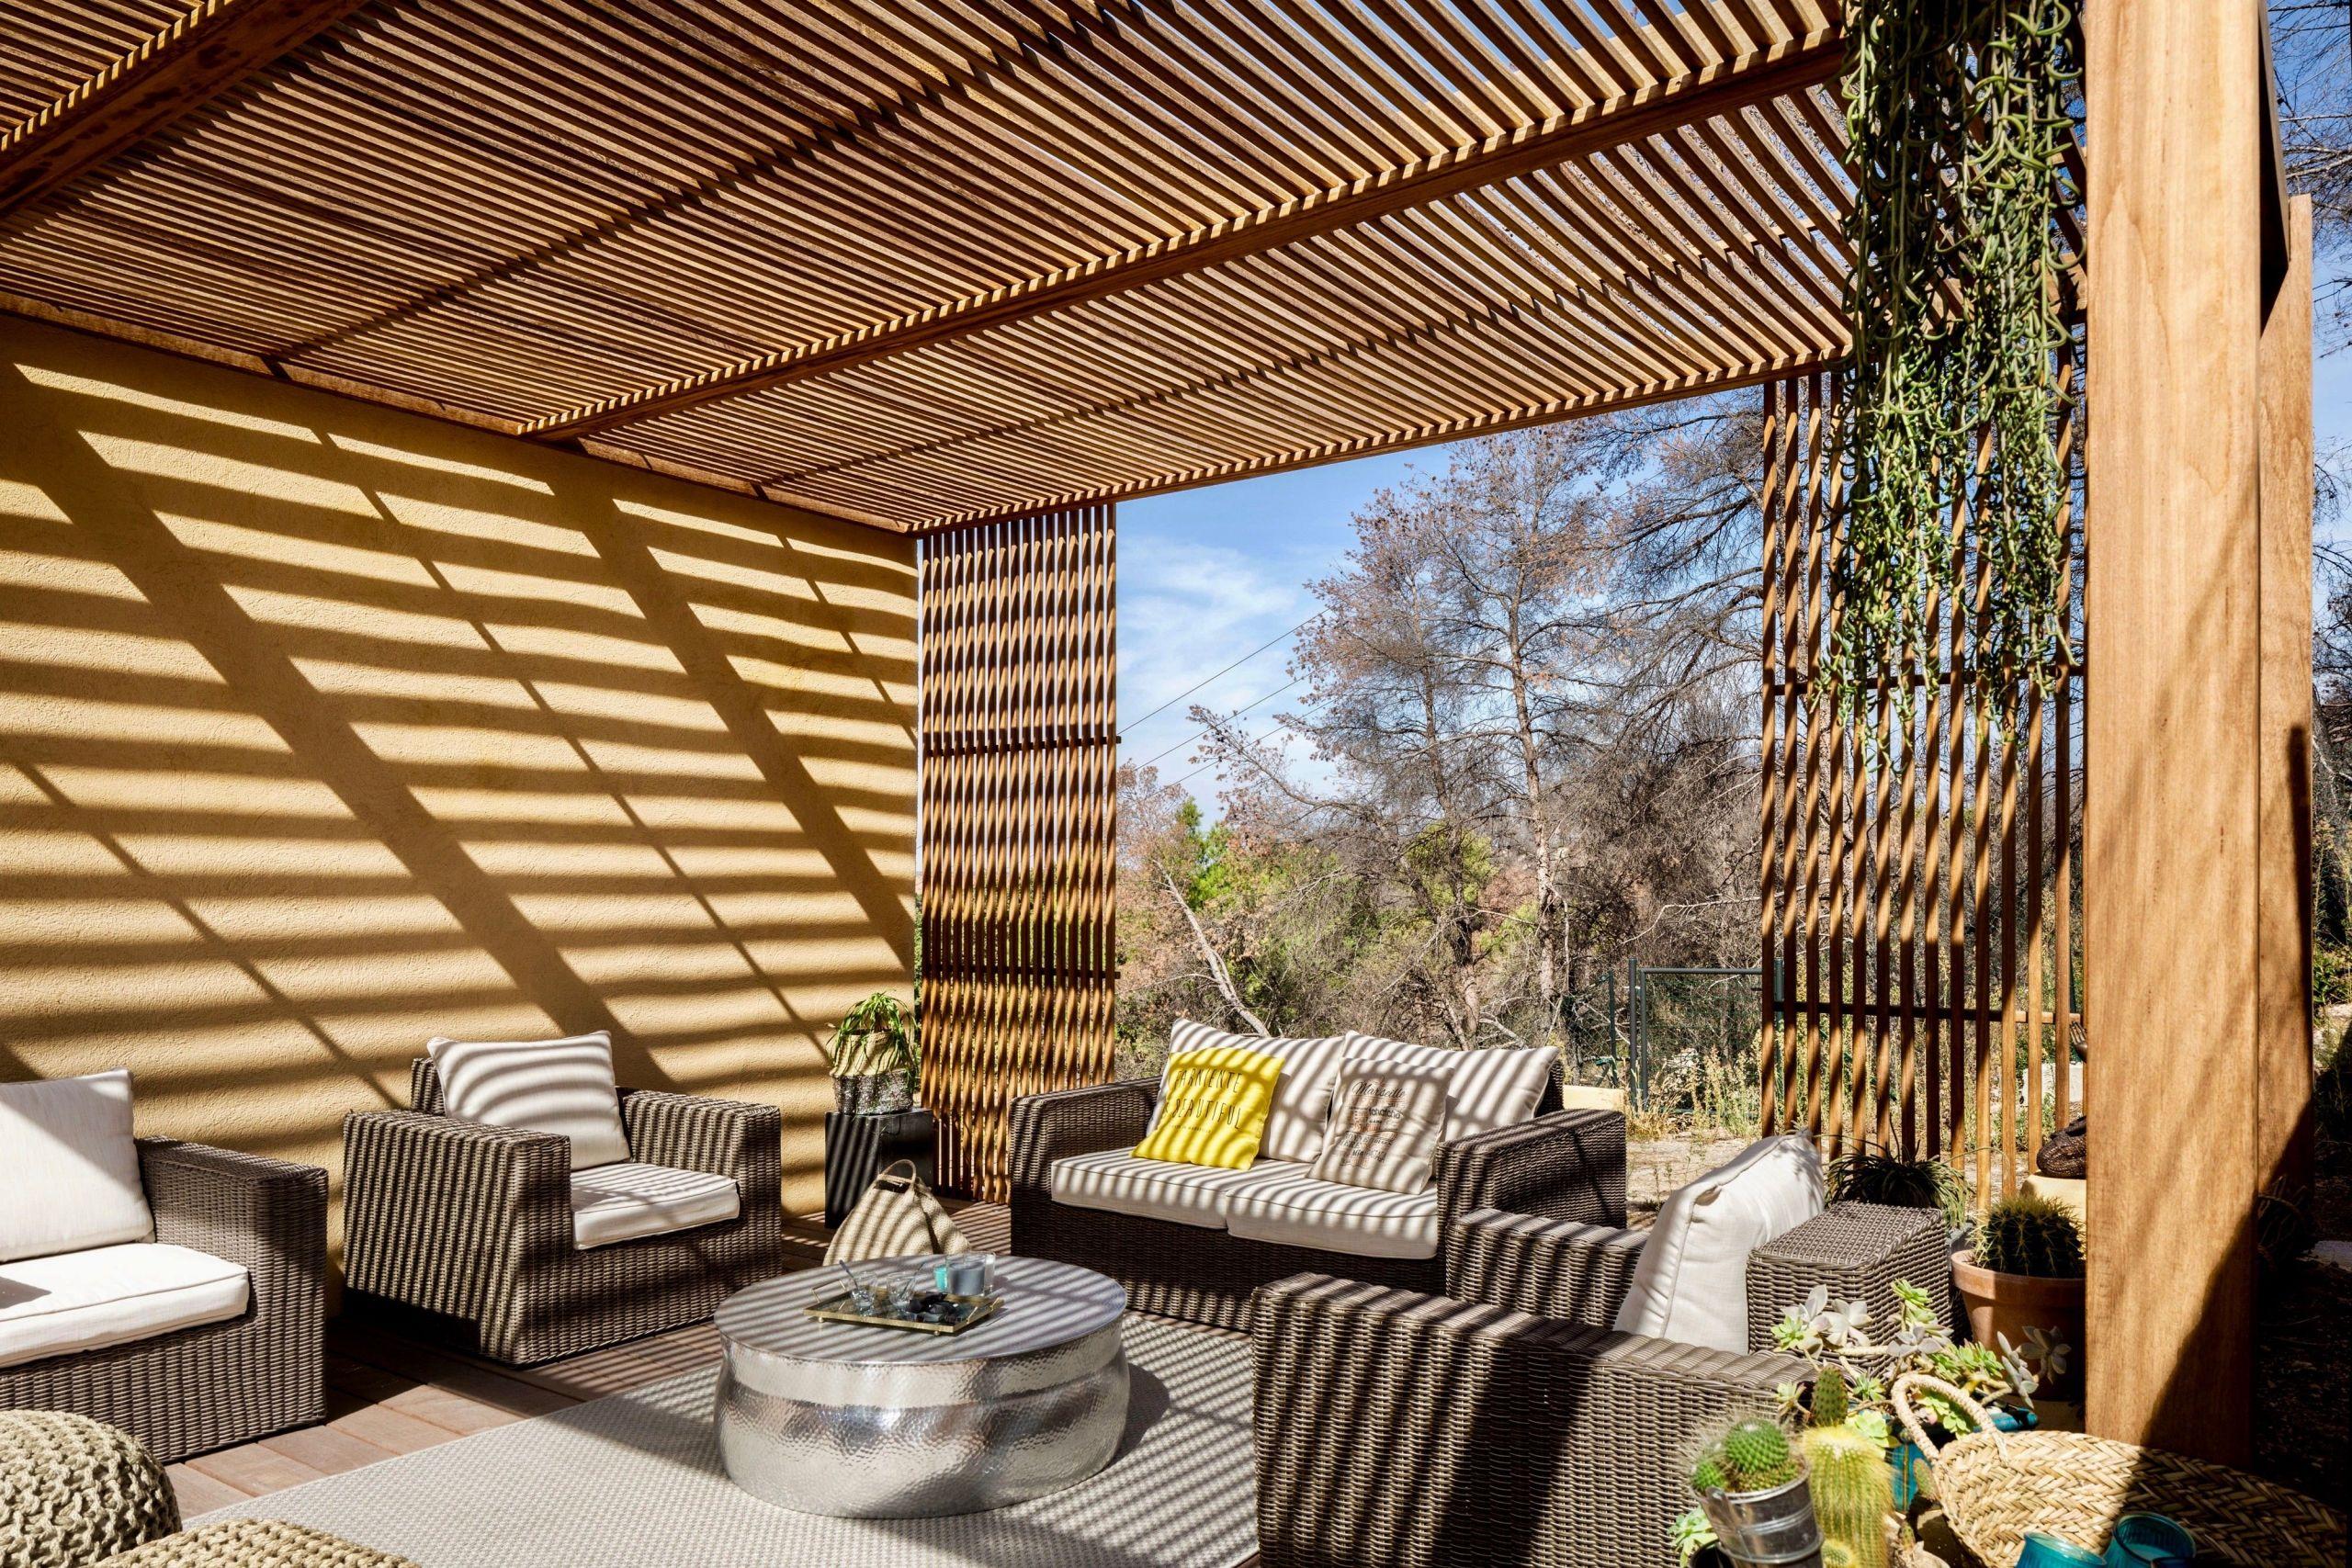 PERGOLA BOIS EXOTIQUE Aménagement de terrasse en bois à